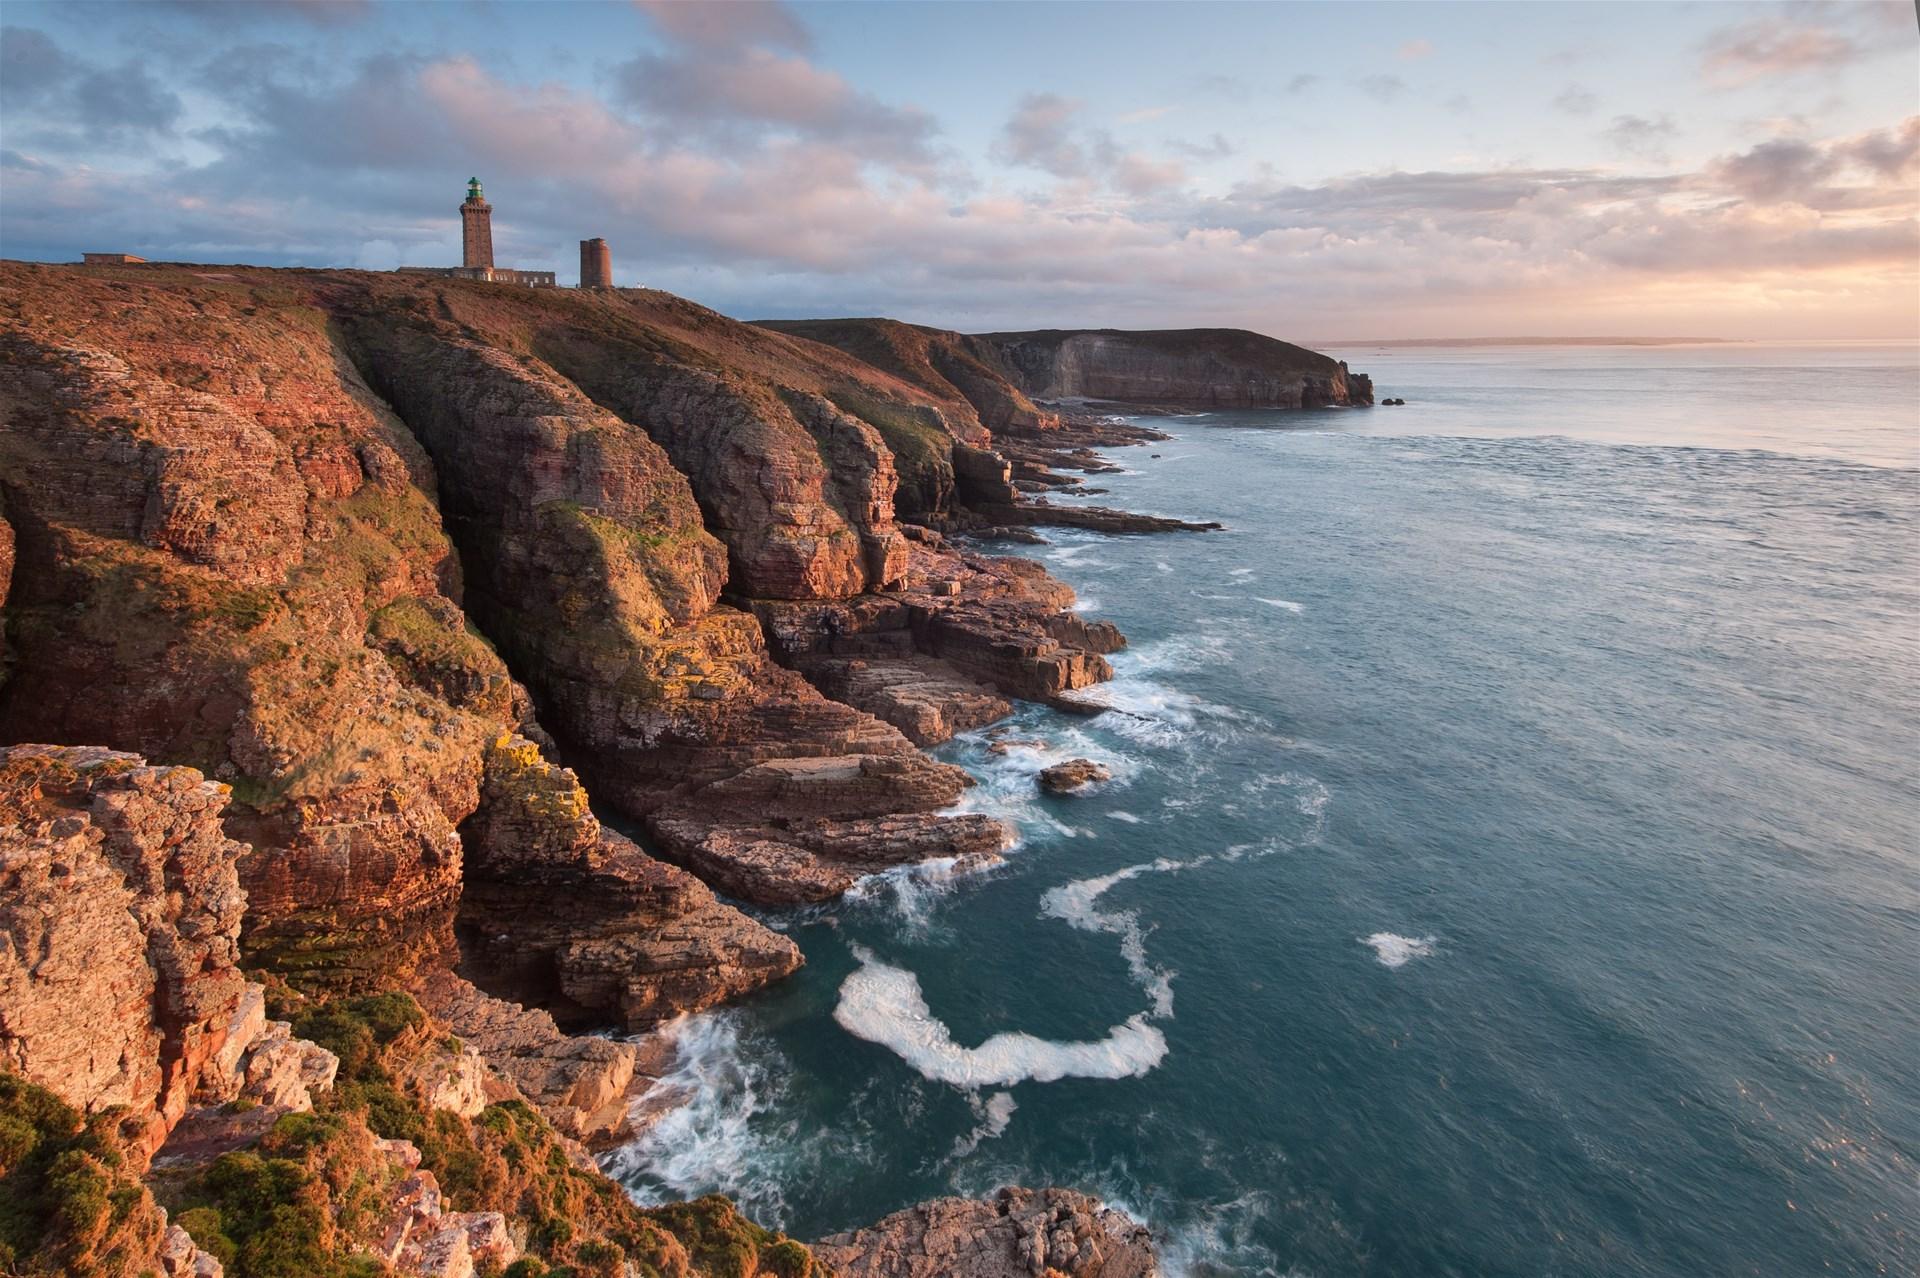 FFRandonnée - Bretagne - Destinations Touristiques - randonnée - baie de st brieuc - cap fréhel